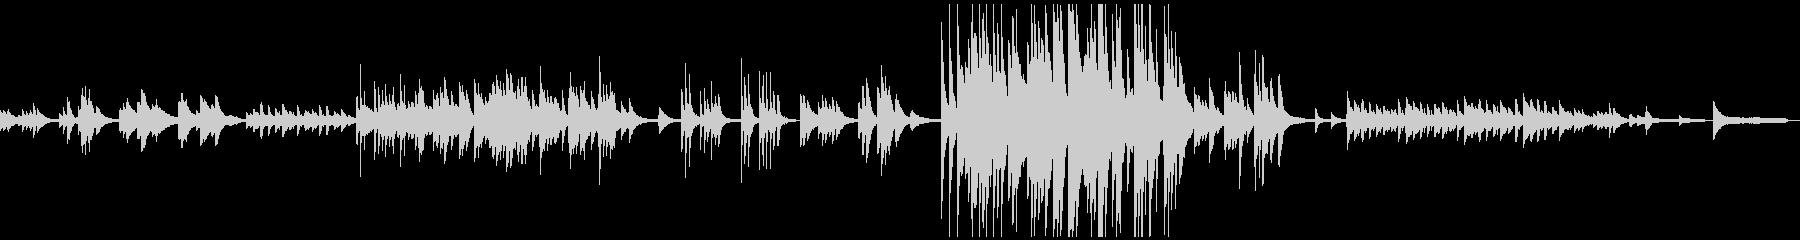 3:04しんみりと暖かく哀しいピアノ曲の未再生の波形